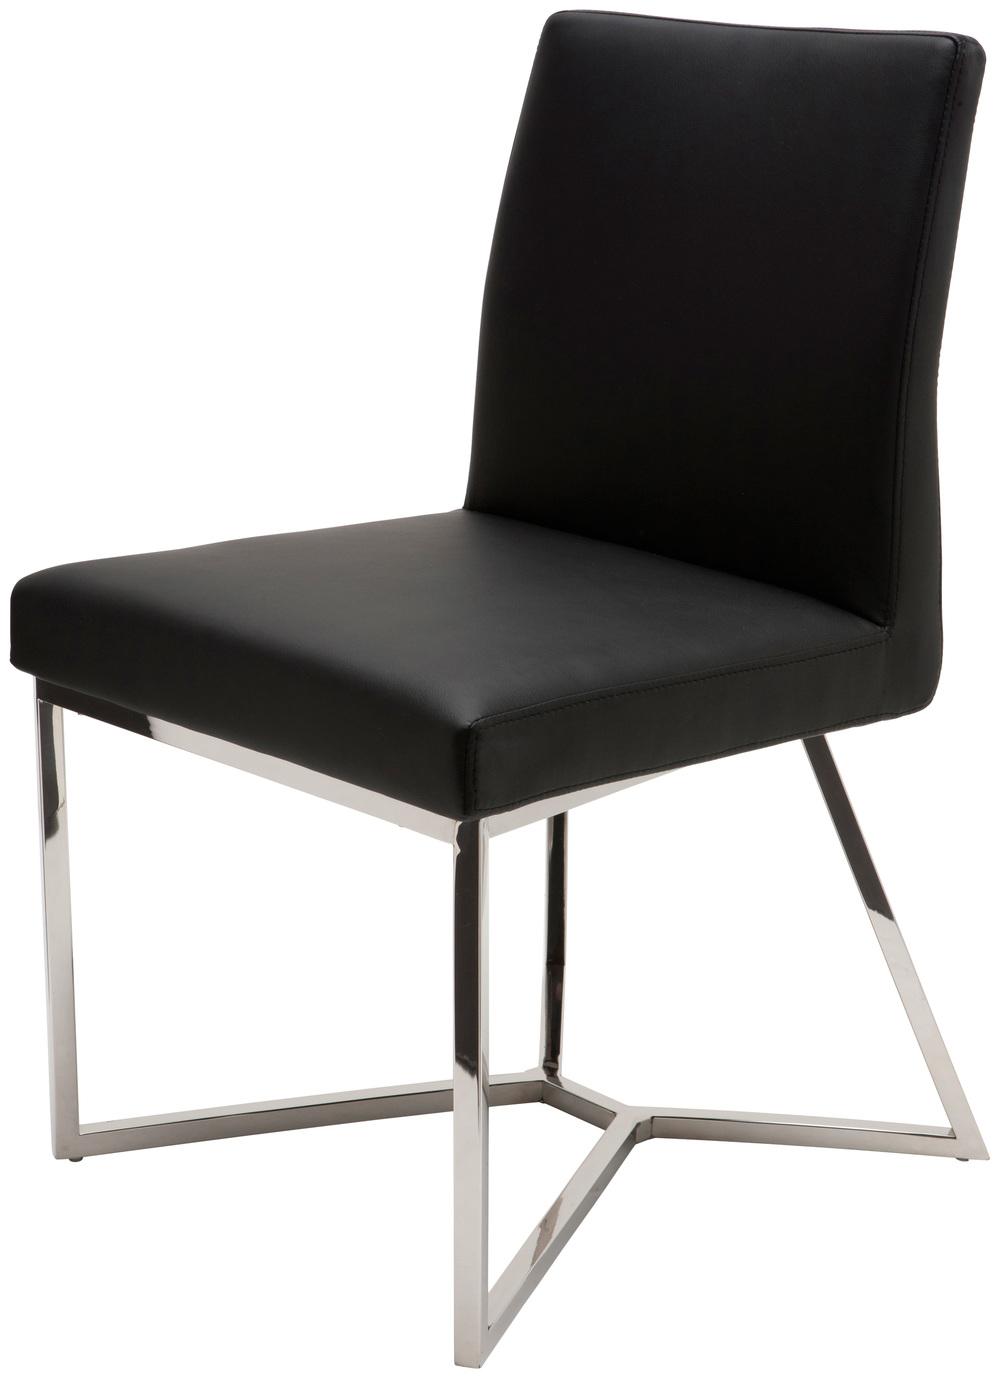 Nuevo - Patrice Dining Chair